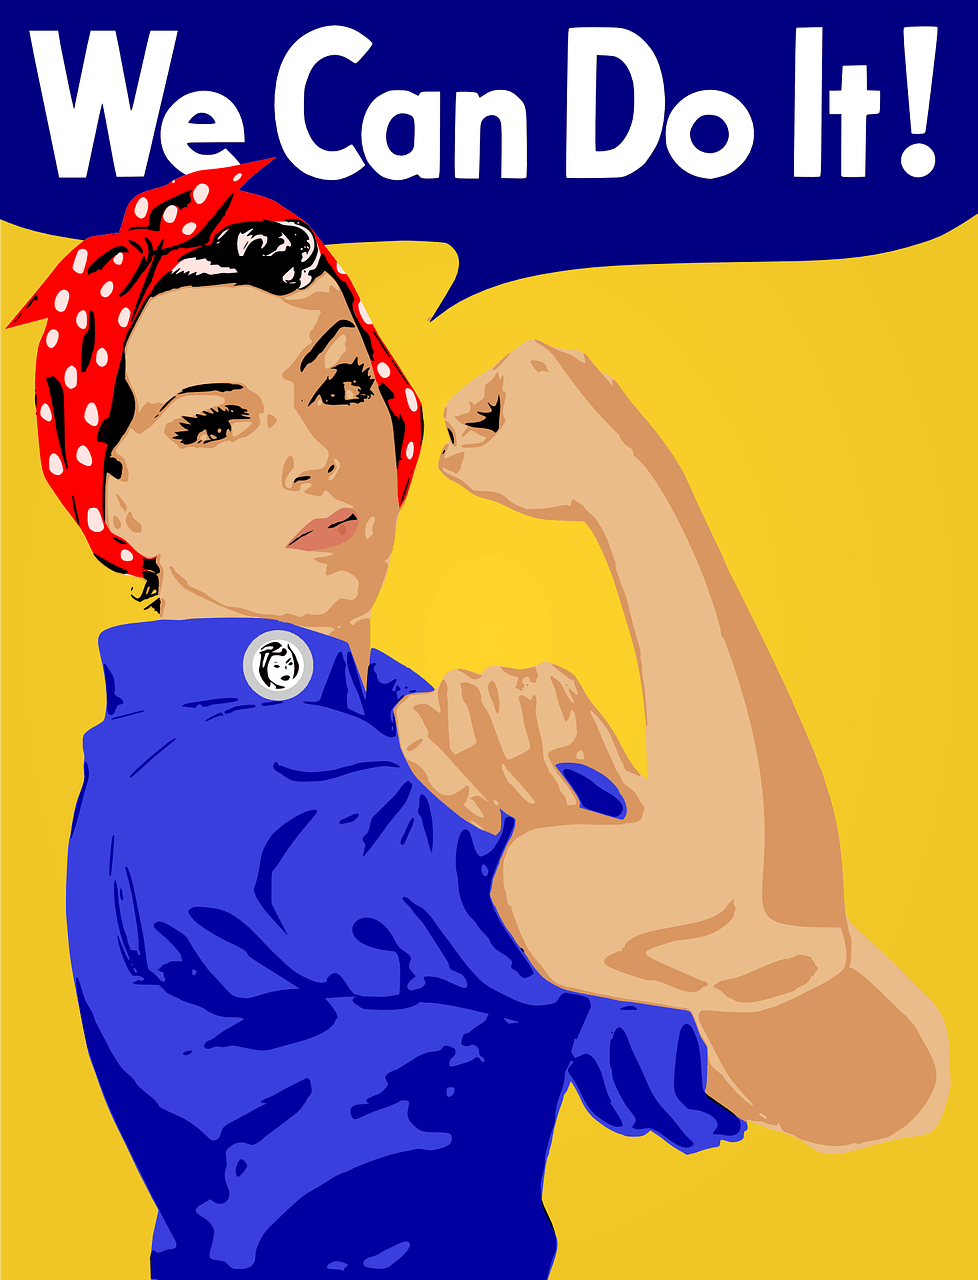 Table ronde : le féminisme dans la pop-culture est-il politique?